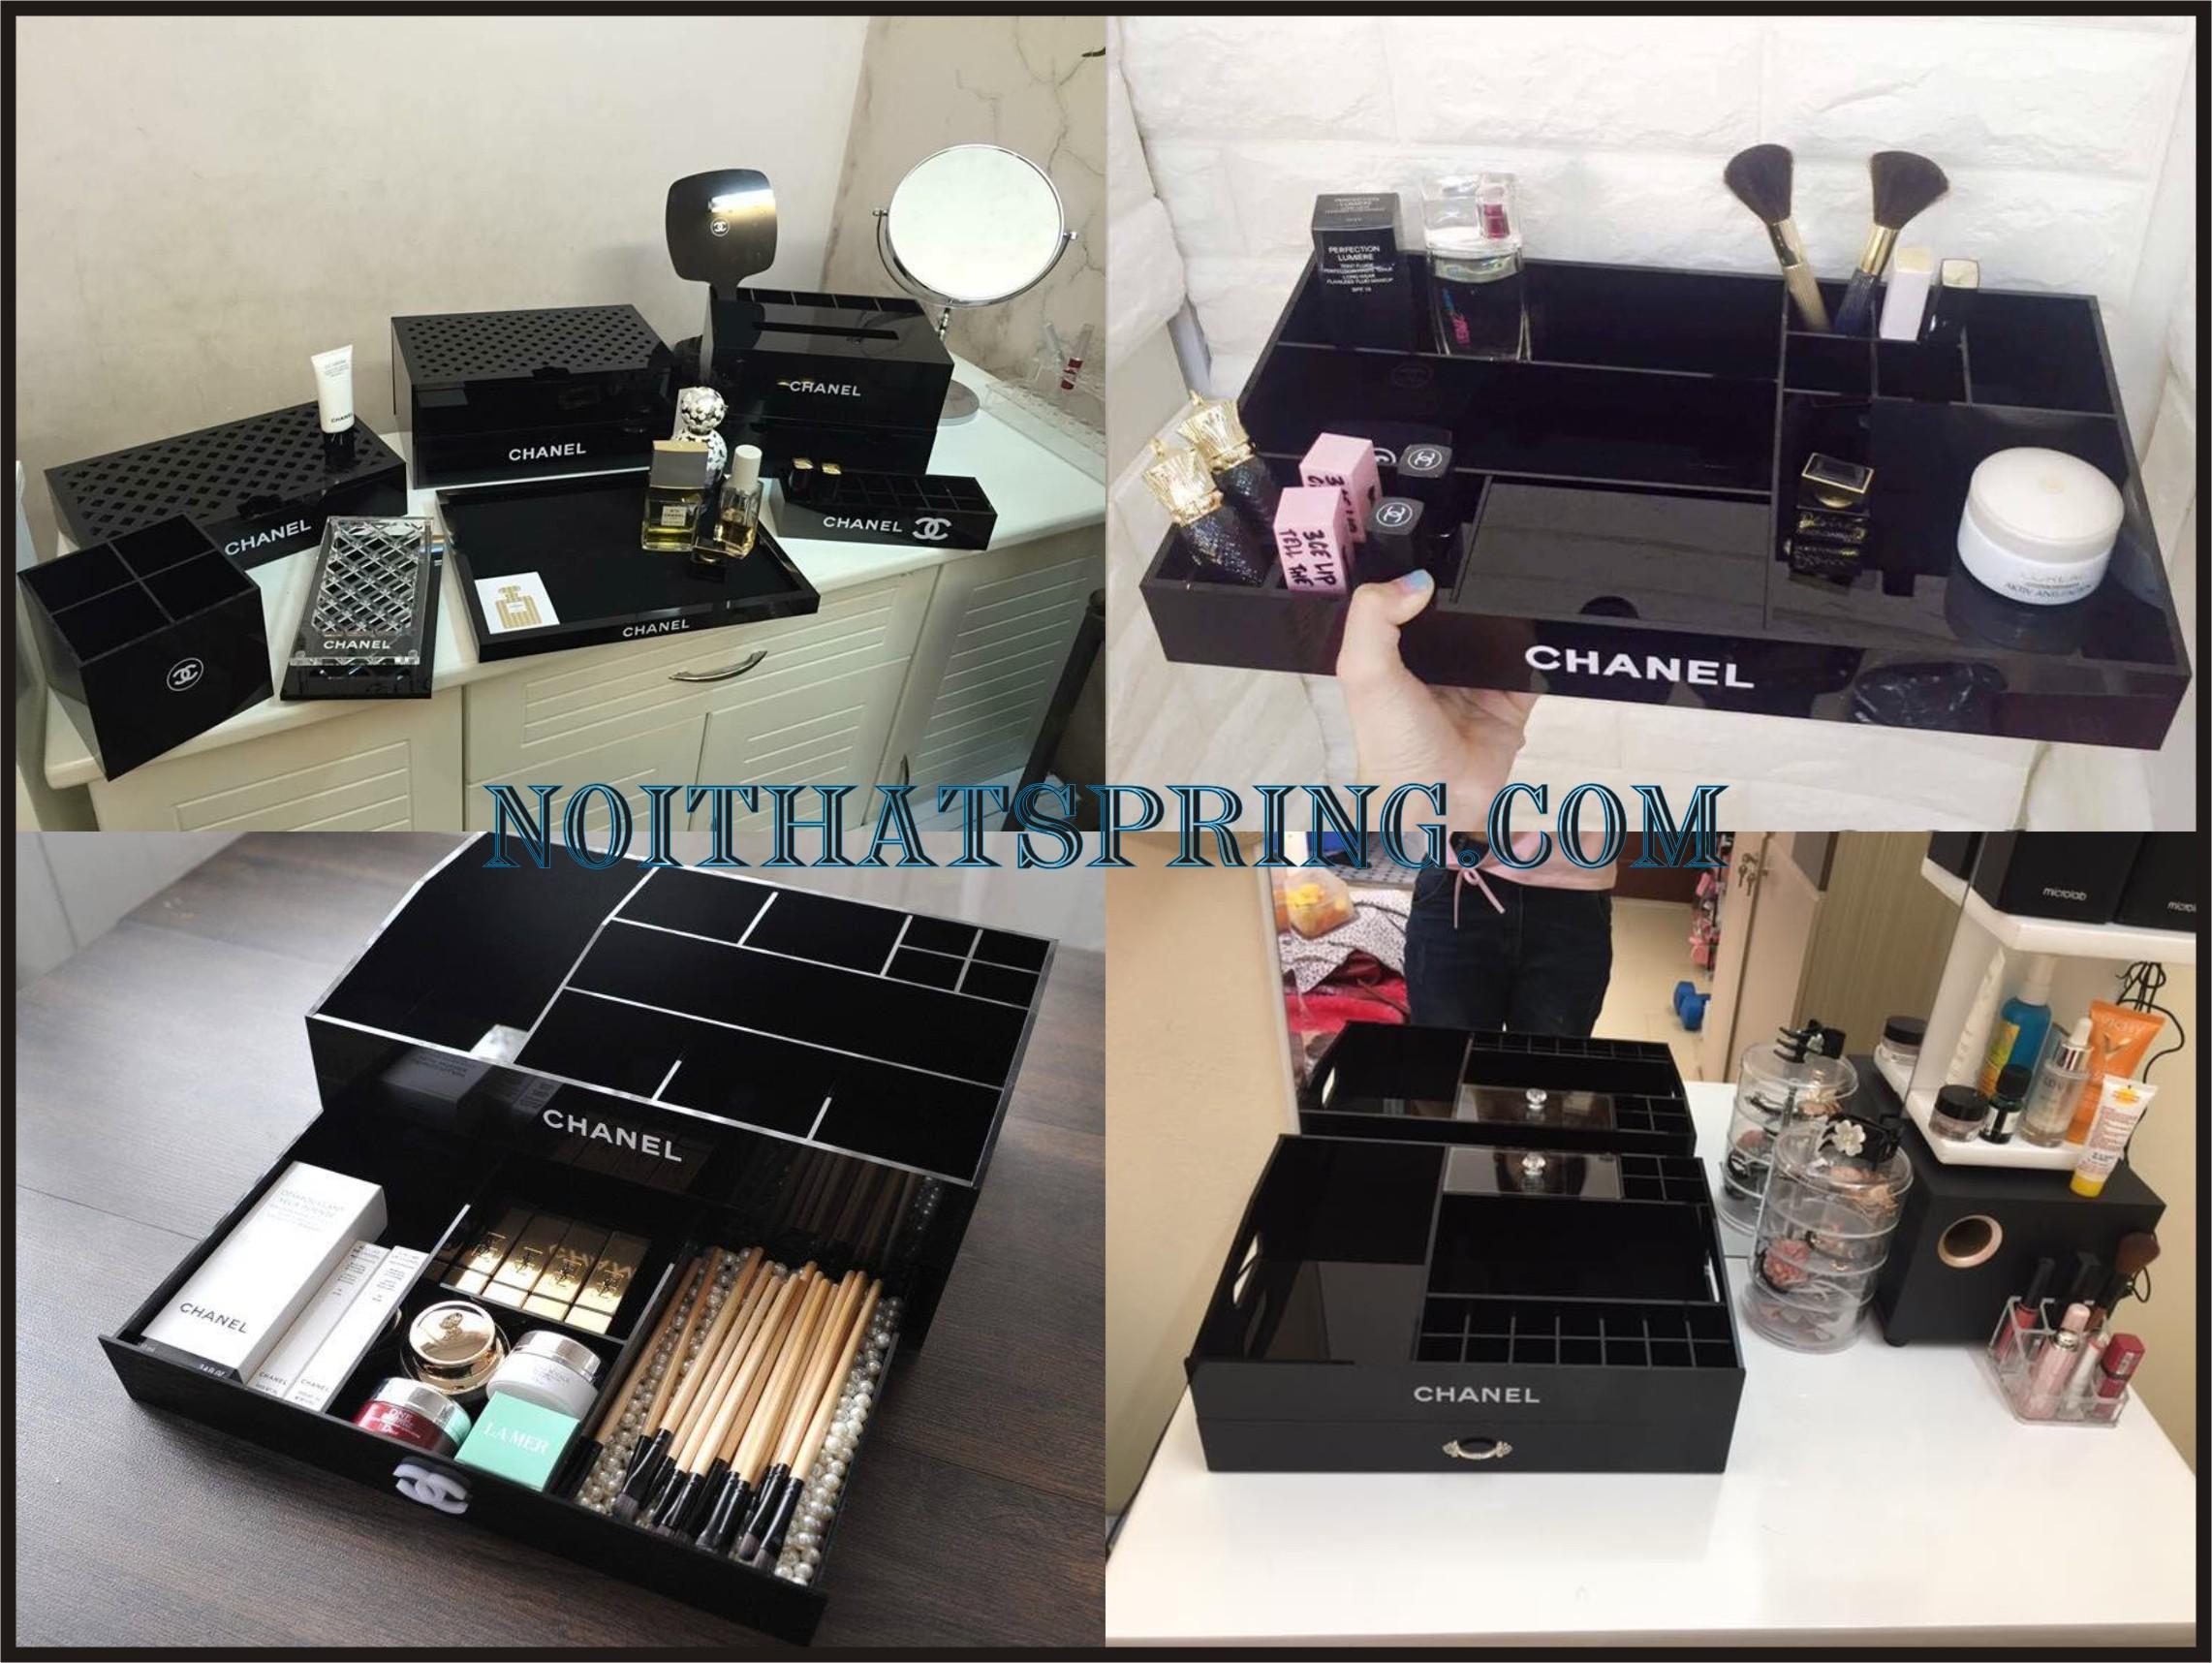 Nước hoa, mỹ phẩm: Khay Son Chanel, Hộp Chanel Đựng Mỹ Phẩm, Kệ Trang Điểm Chane Ke%20my%20pham5